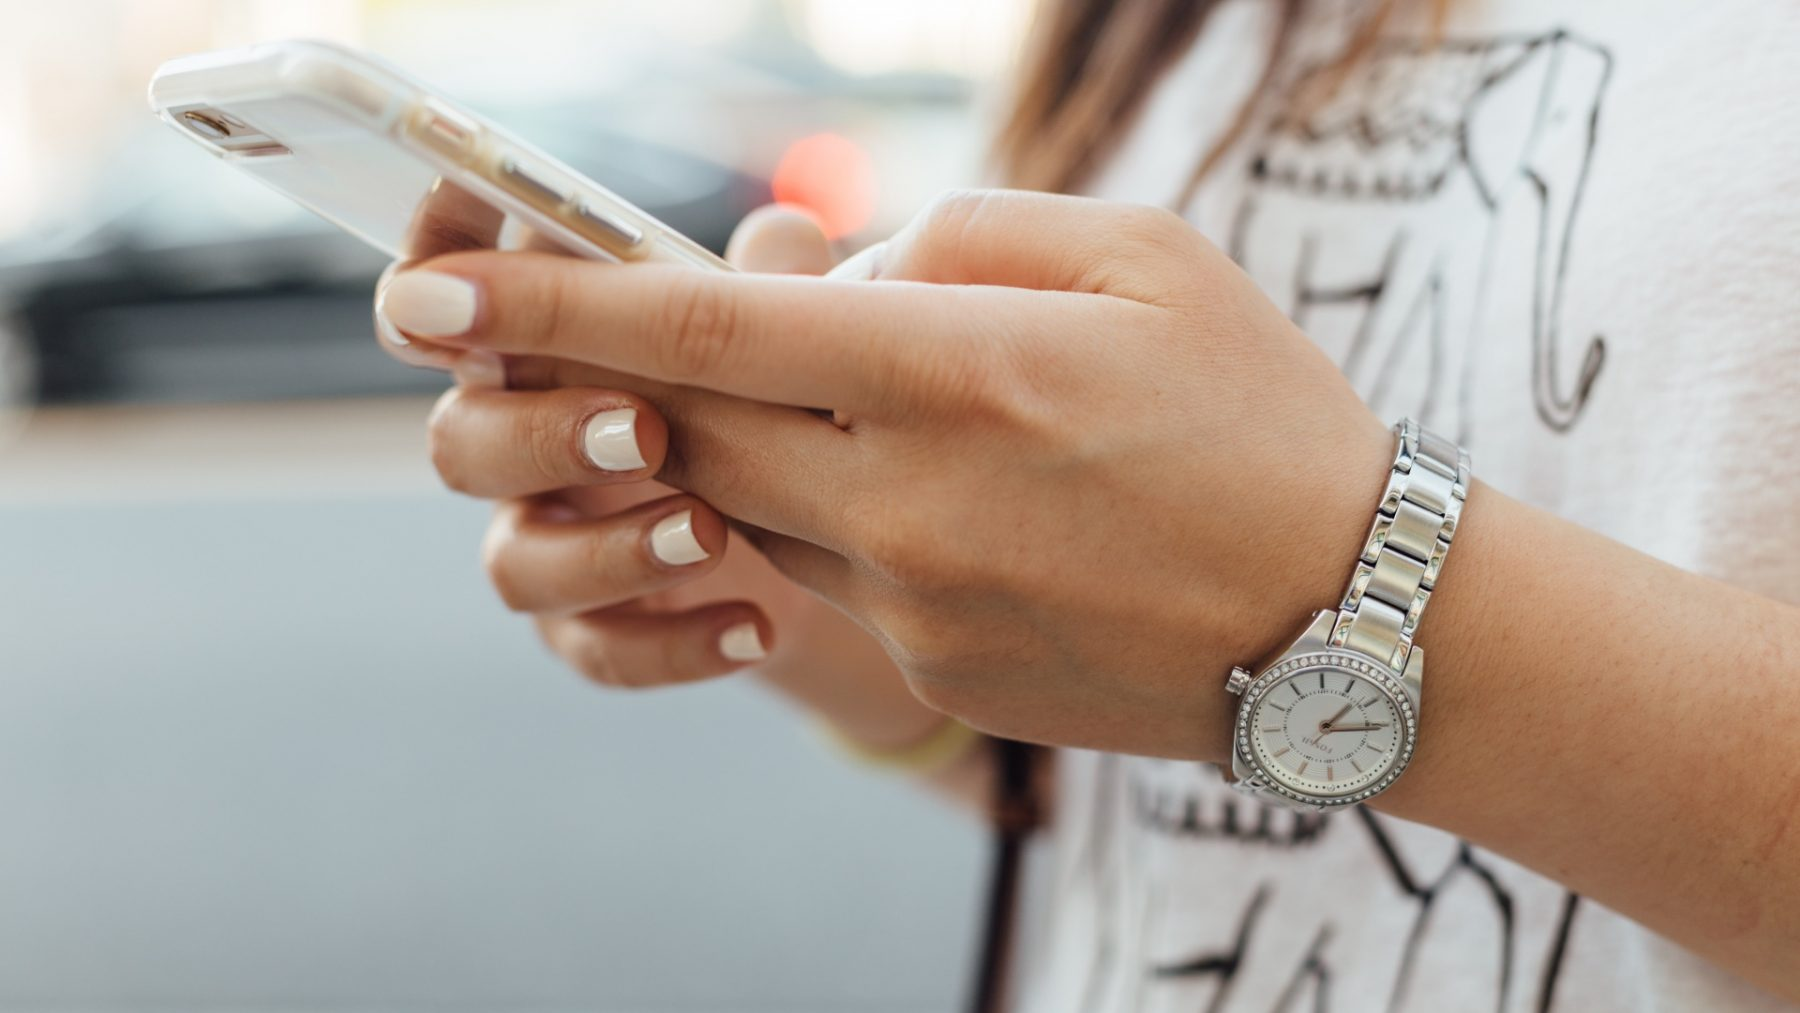 Honderden jongeren verzekeren zich via WhatsApp-groepen tegen avondklokboete